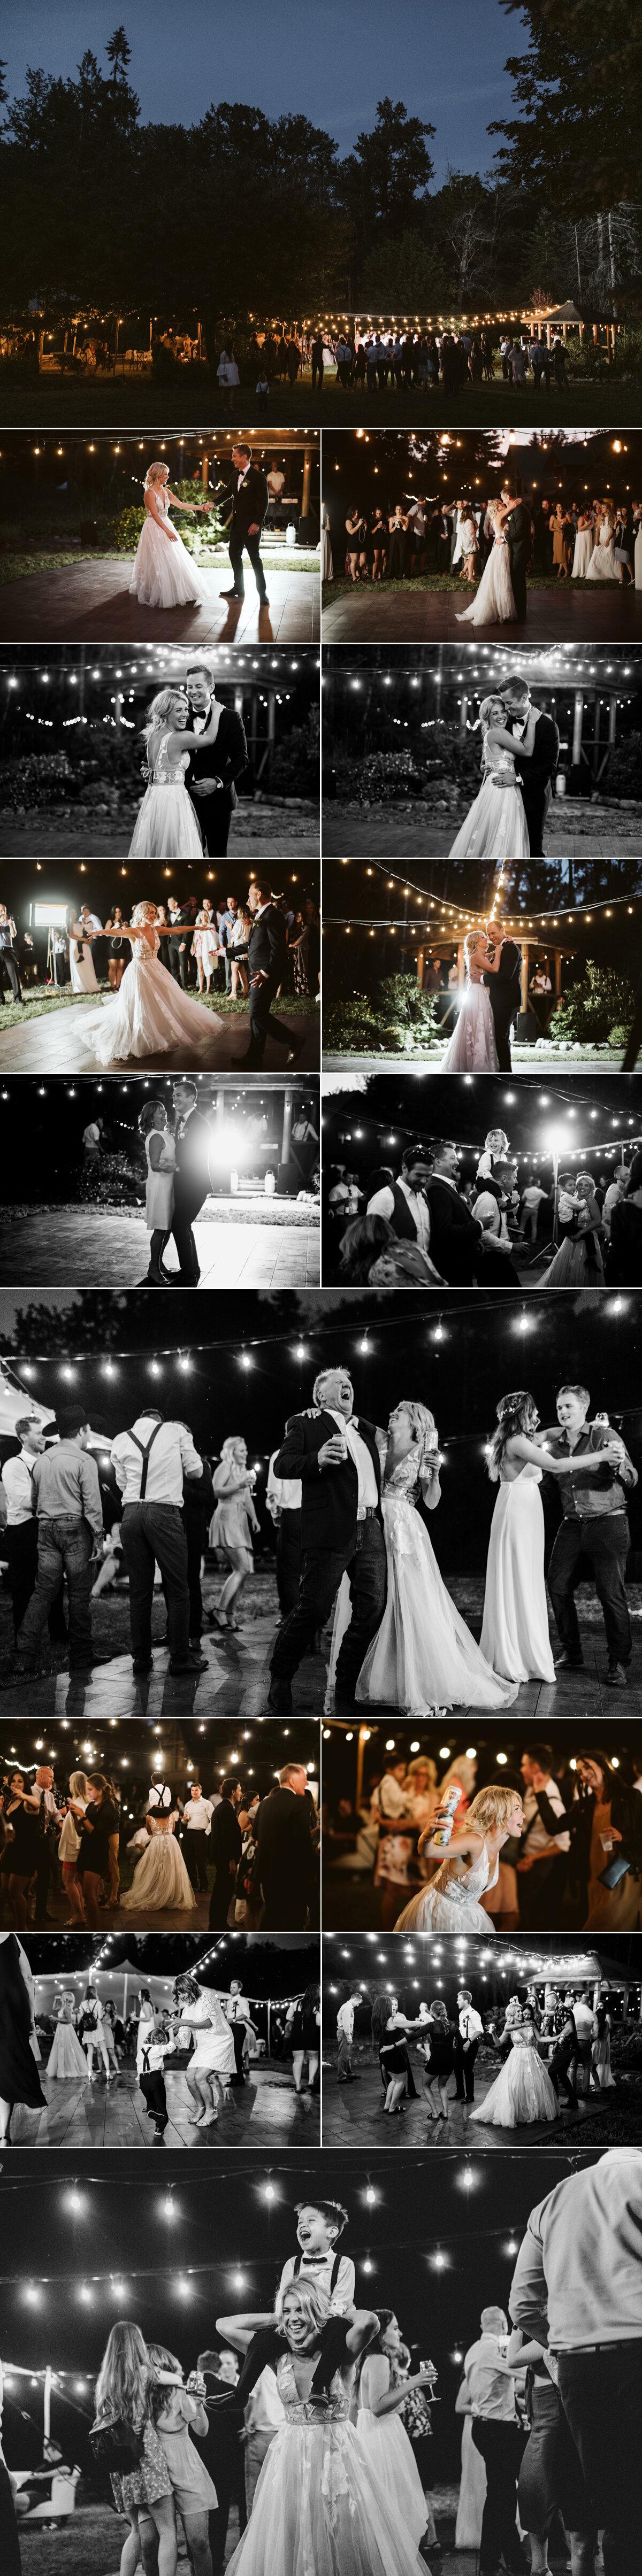 188金宝博线上平台婚礼的婚礼